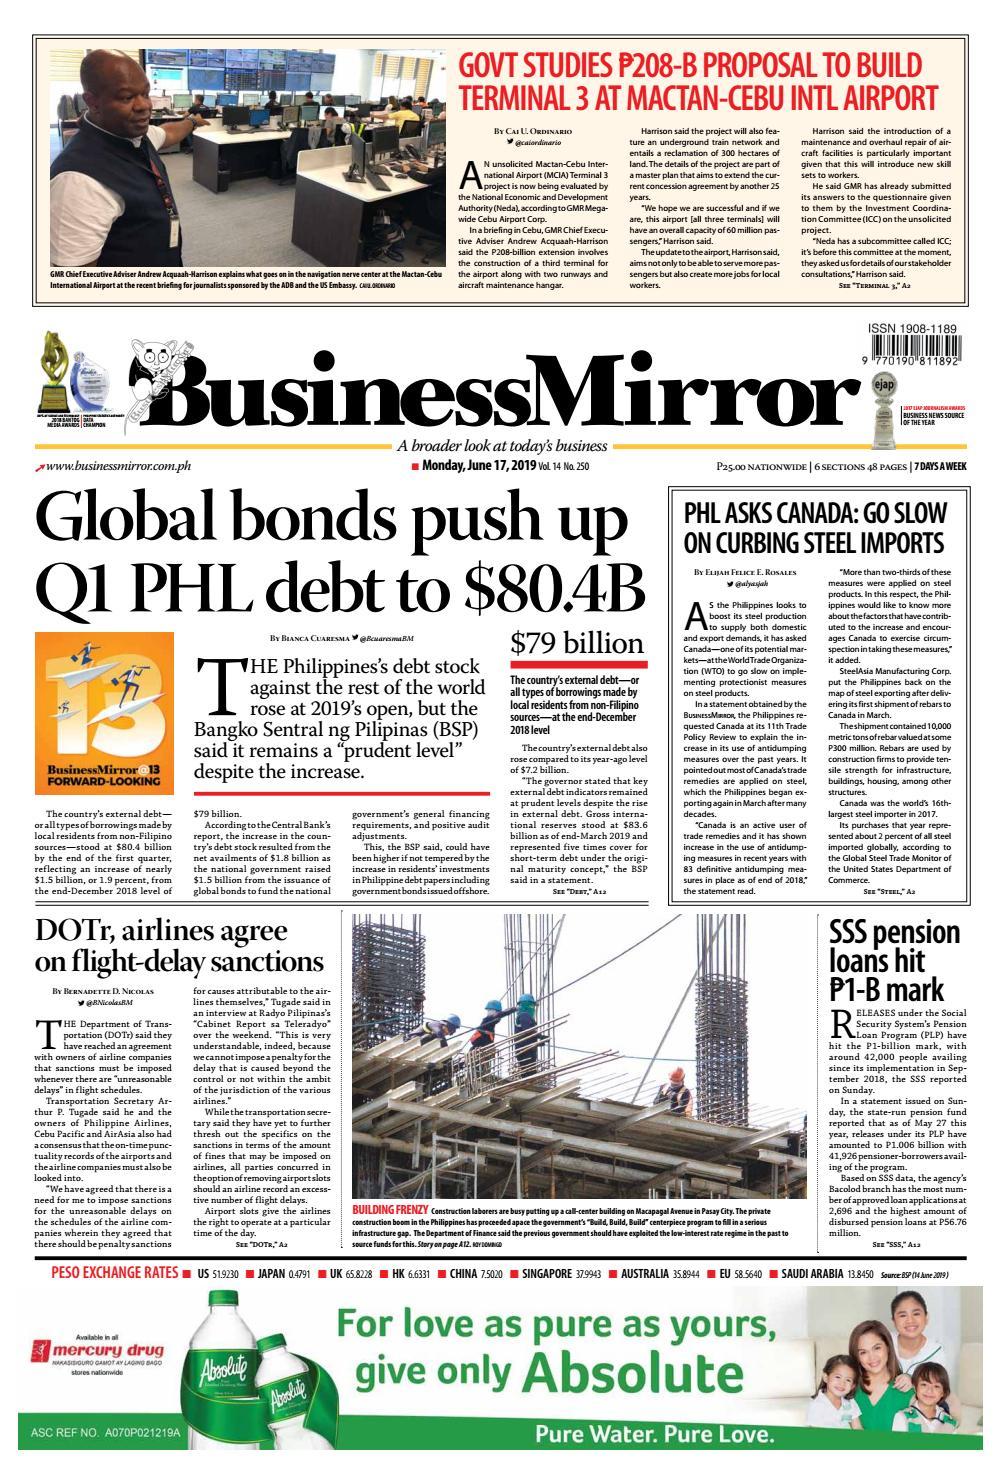 Businessmirror June 17, 2019 by BusinessMirror - issuu